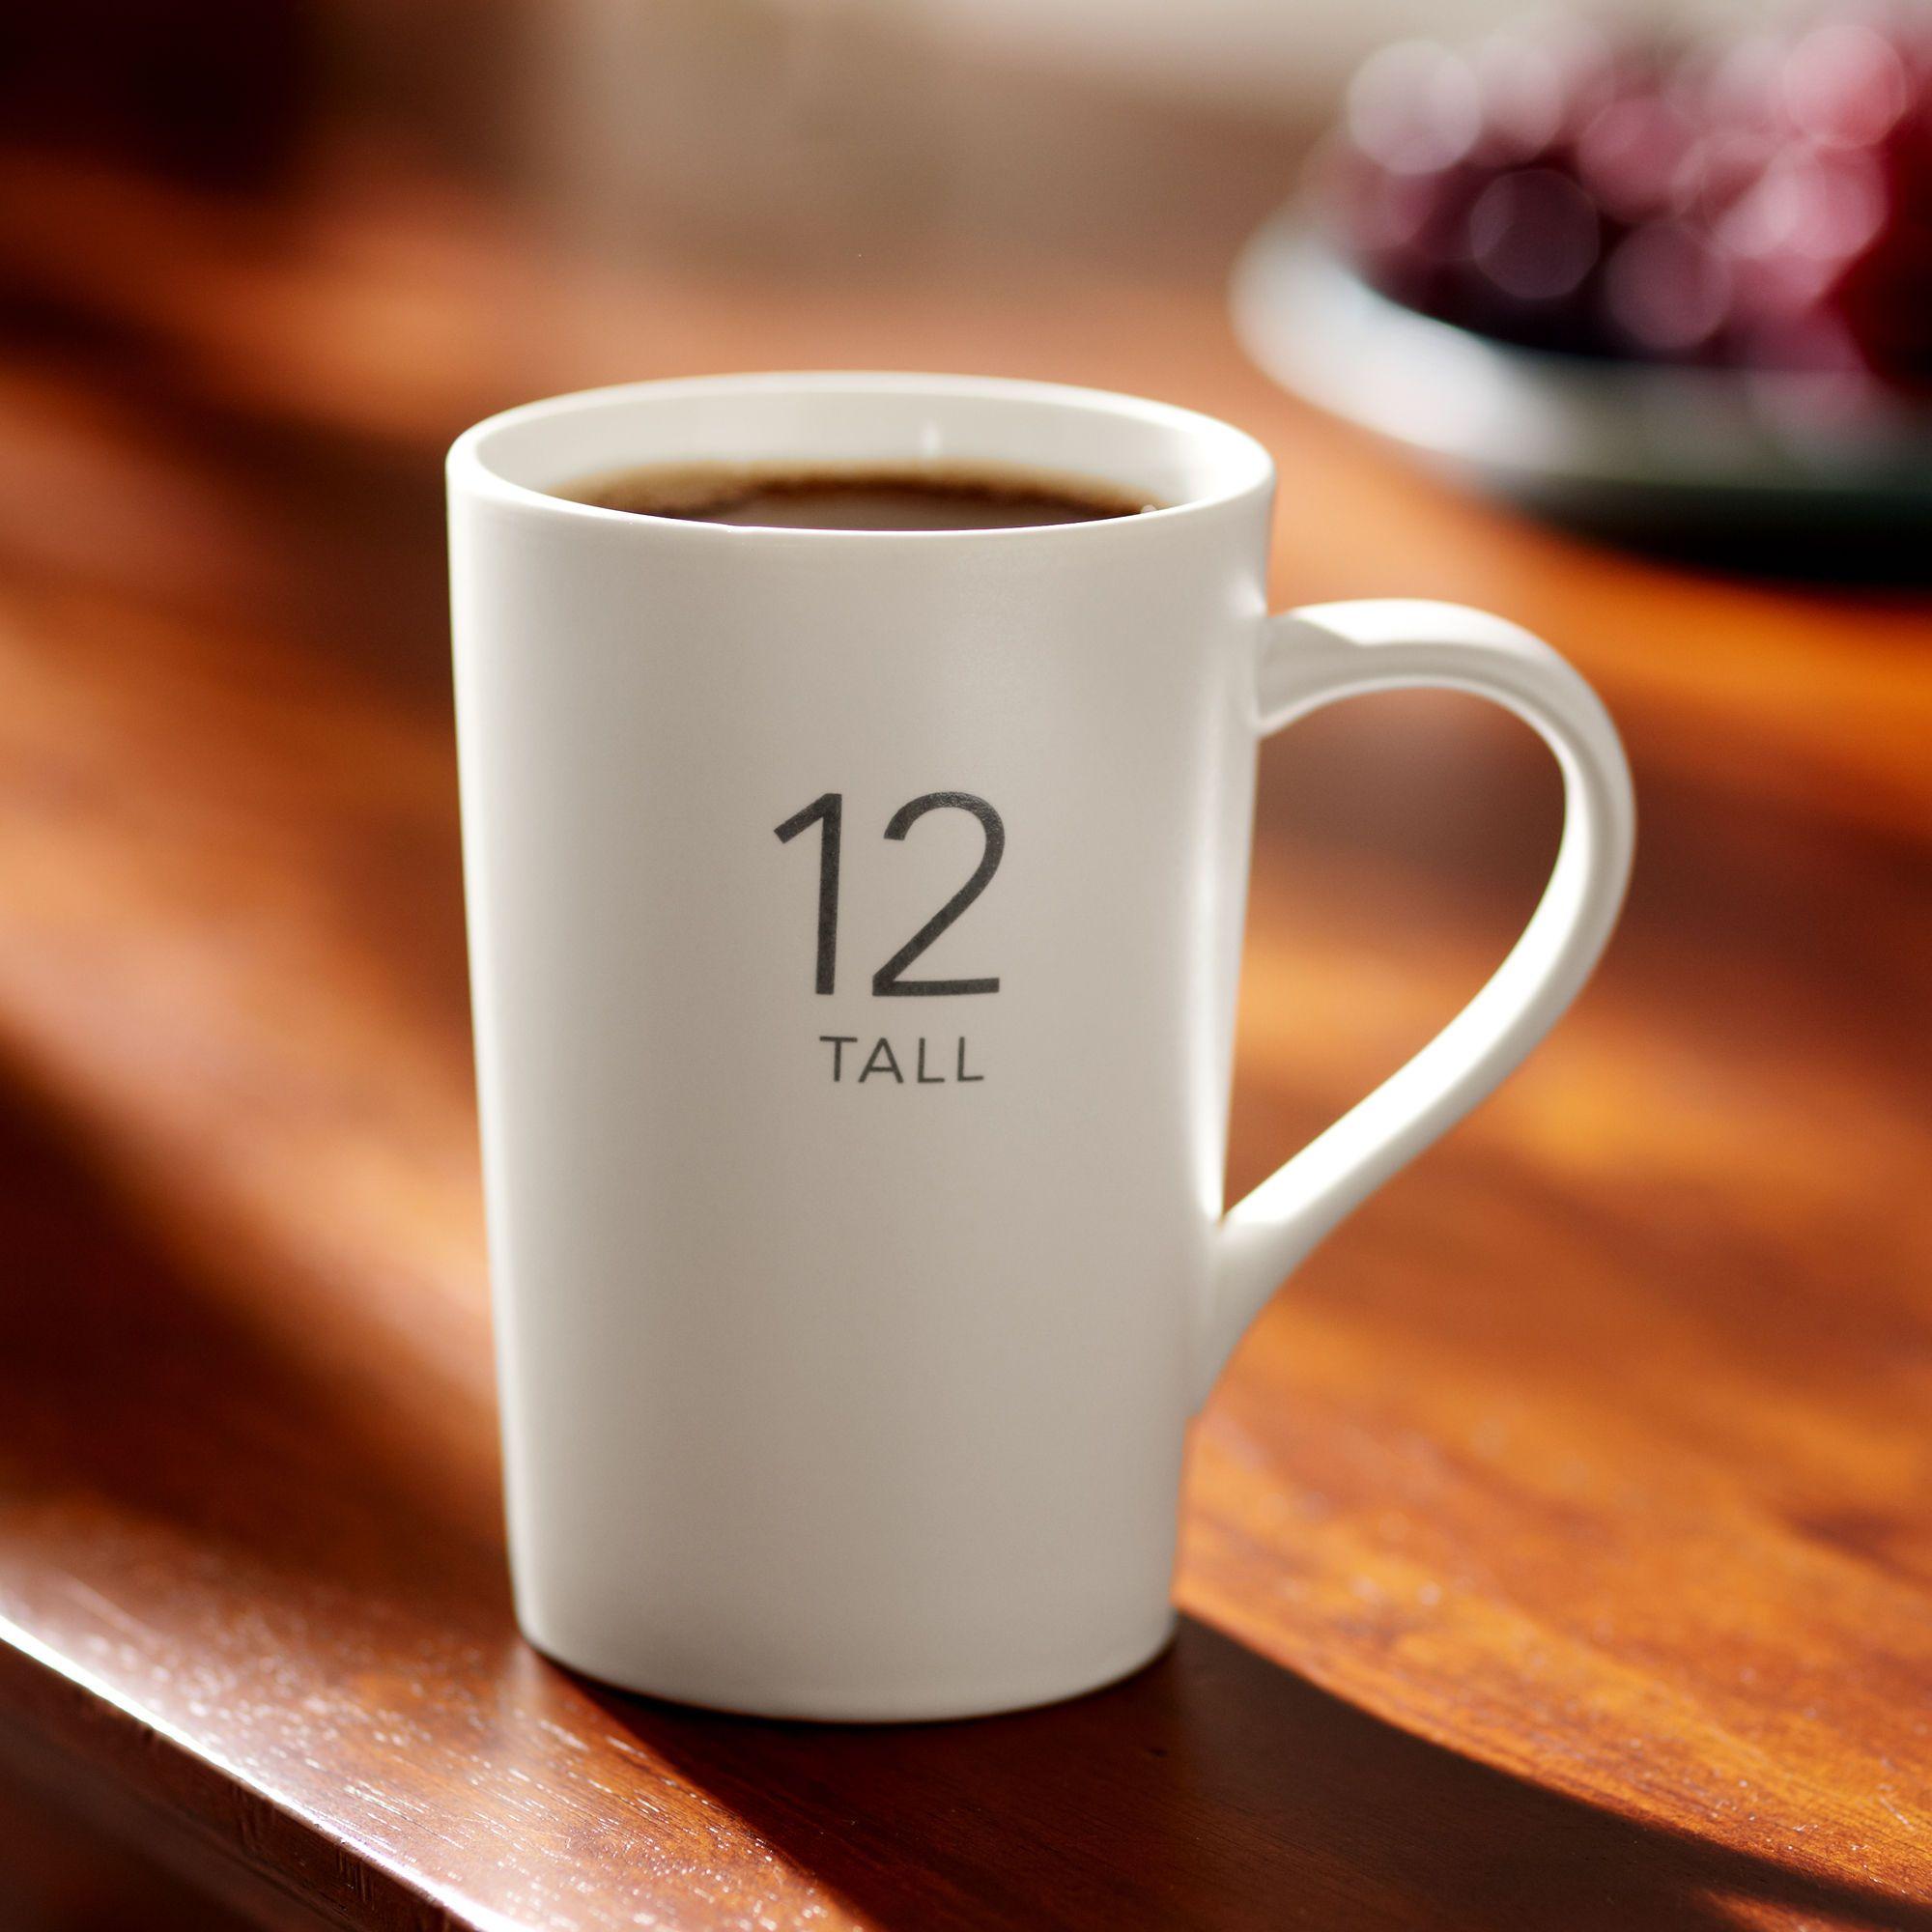 Starbucks® Modern Classic Mug, 12 fl oz A Tallsized